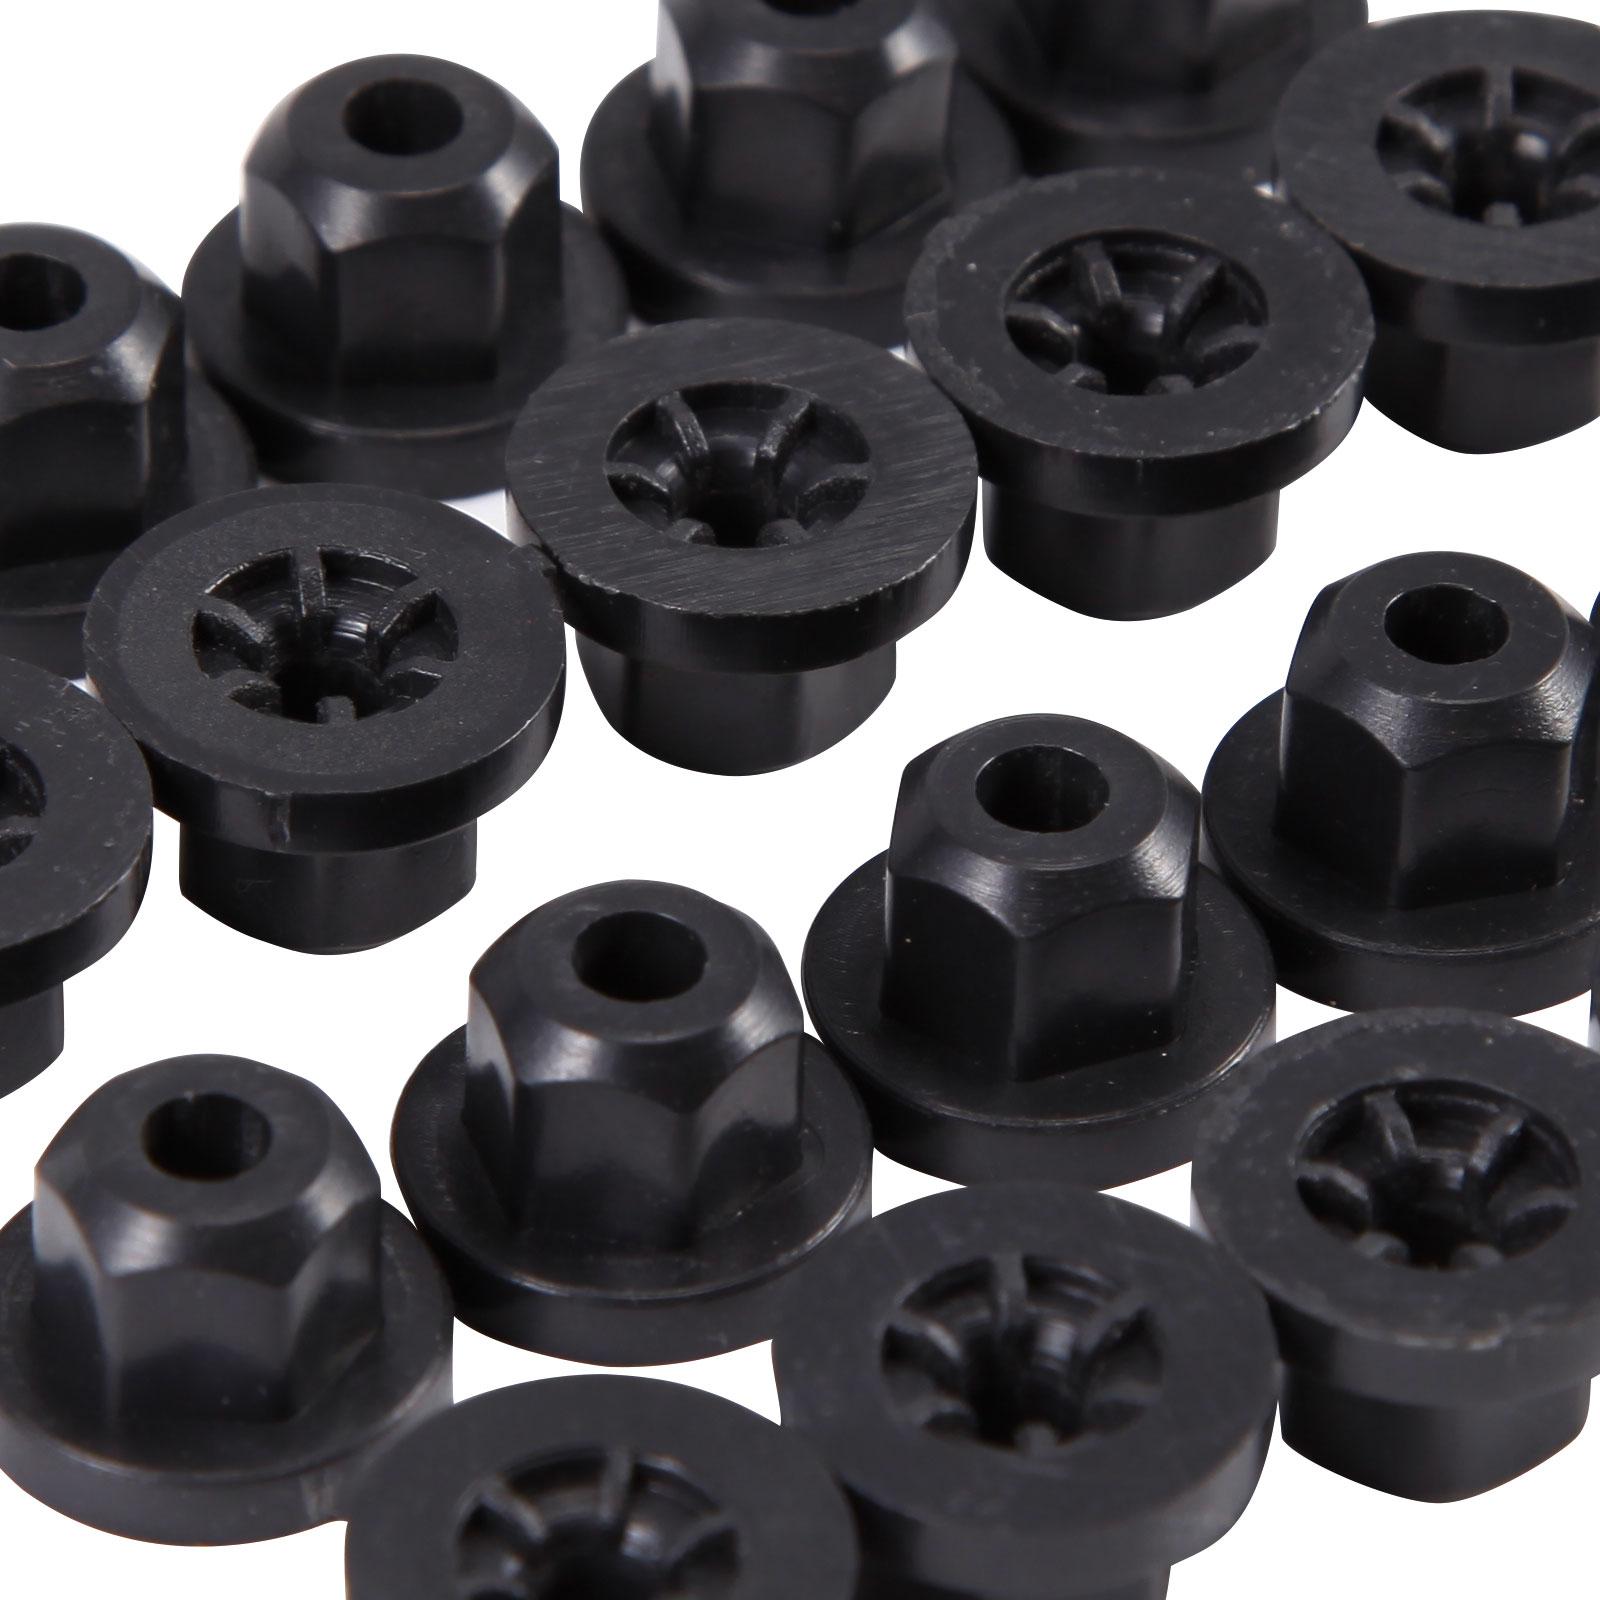 8E0825265 Carpets /& Sensor Mounts 180942 Trim 10x Plastic Nuts Unthreaded 16131176747 90413589